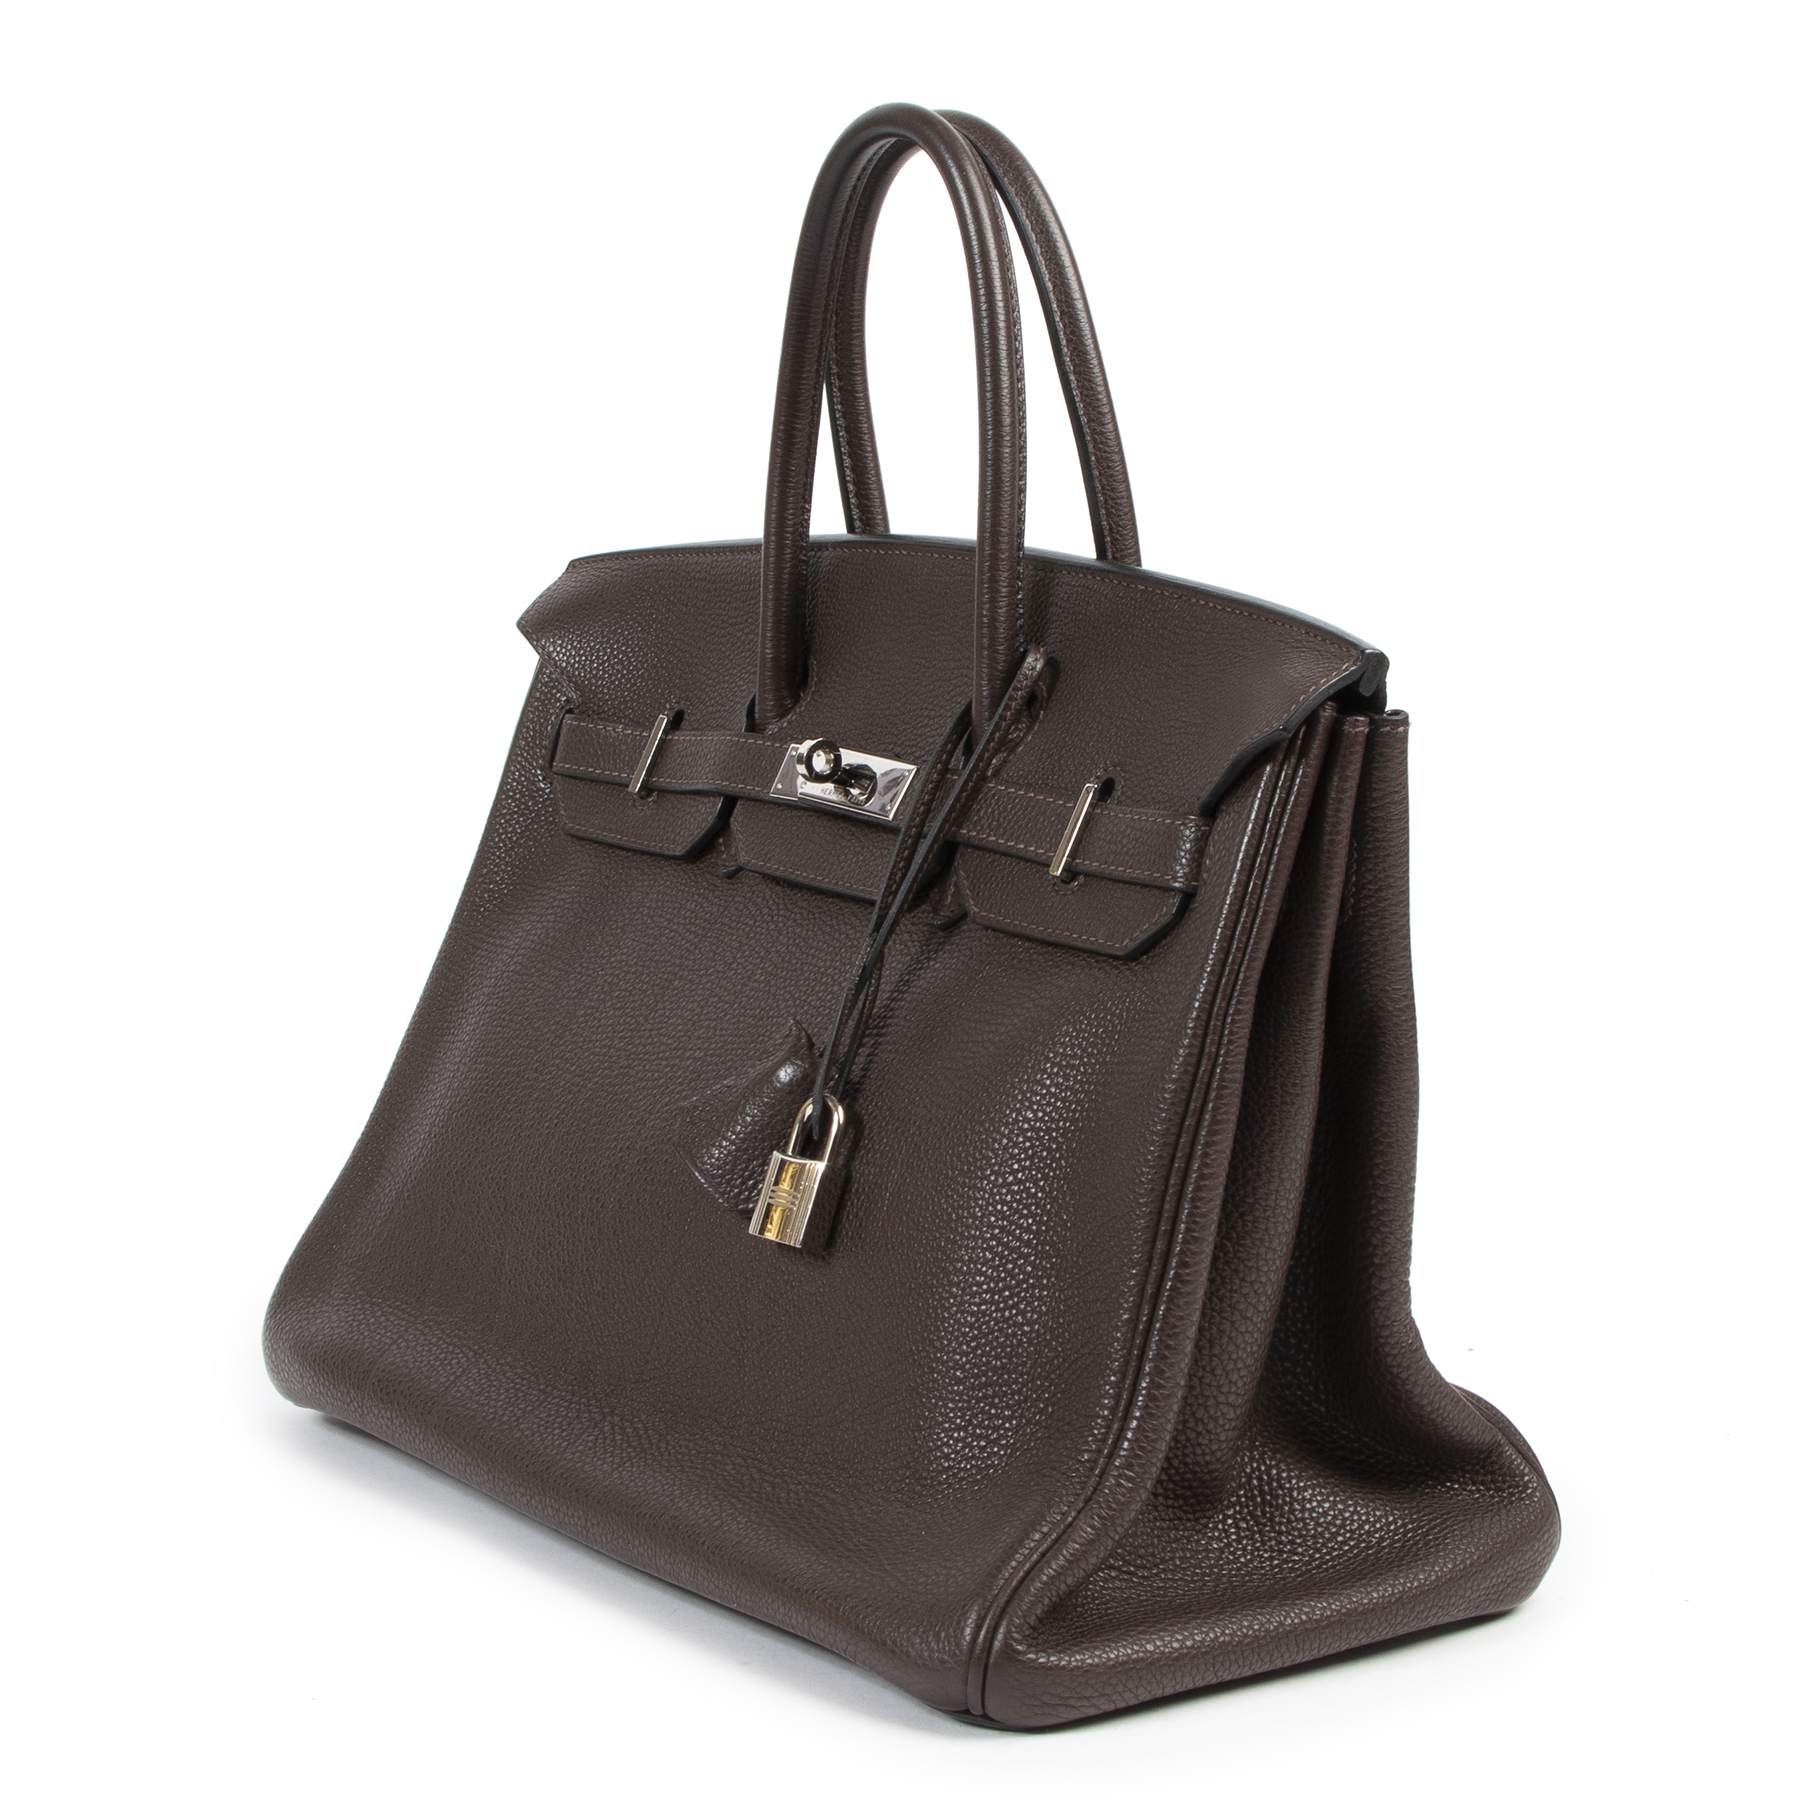 koop best online aan de beste prijs shop safe online at the best price Hermes Birkin Chocolat Togo 35cm